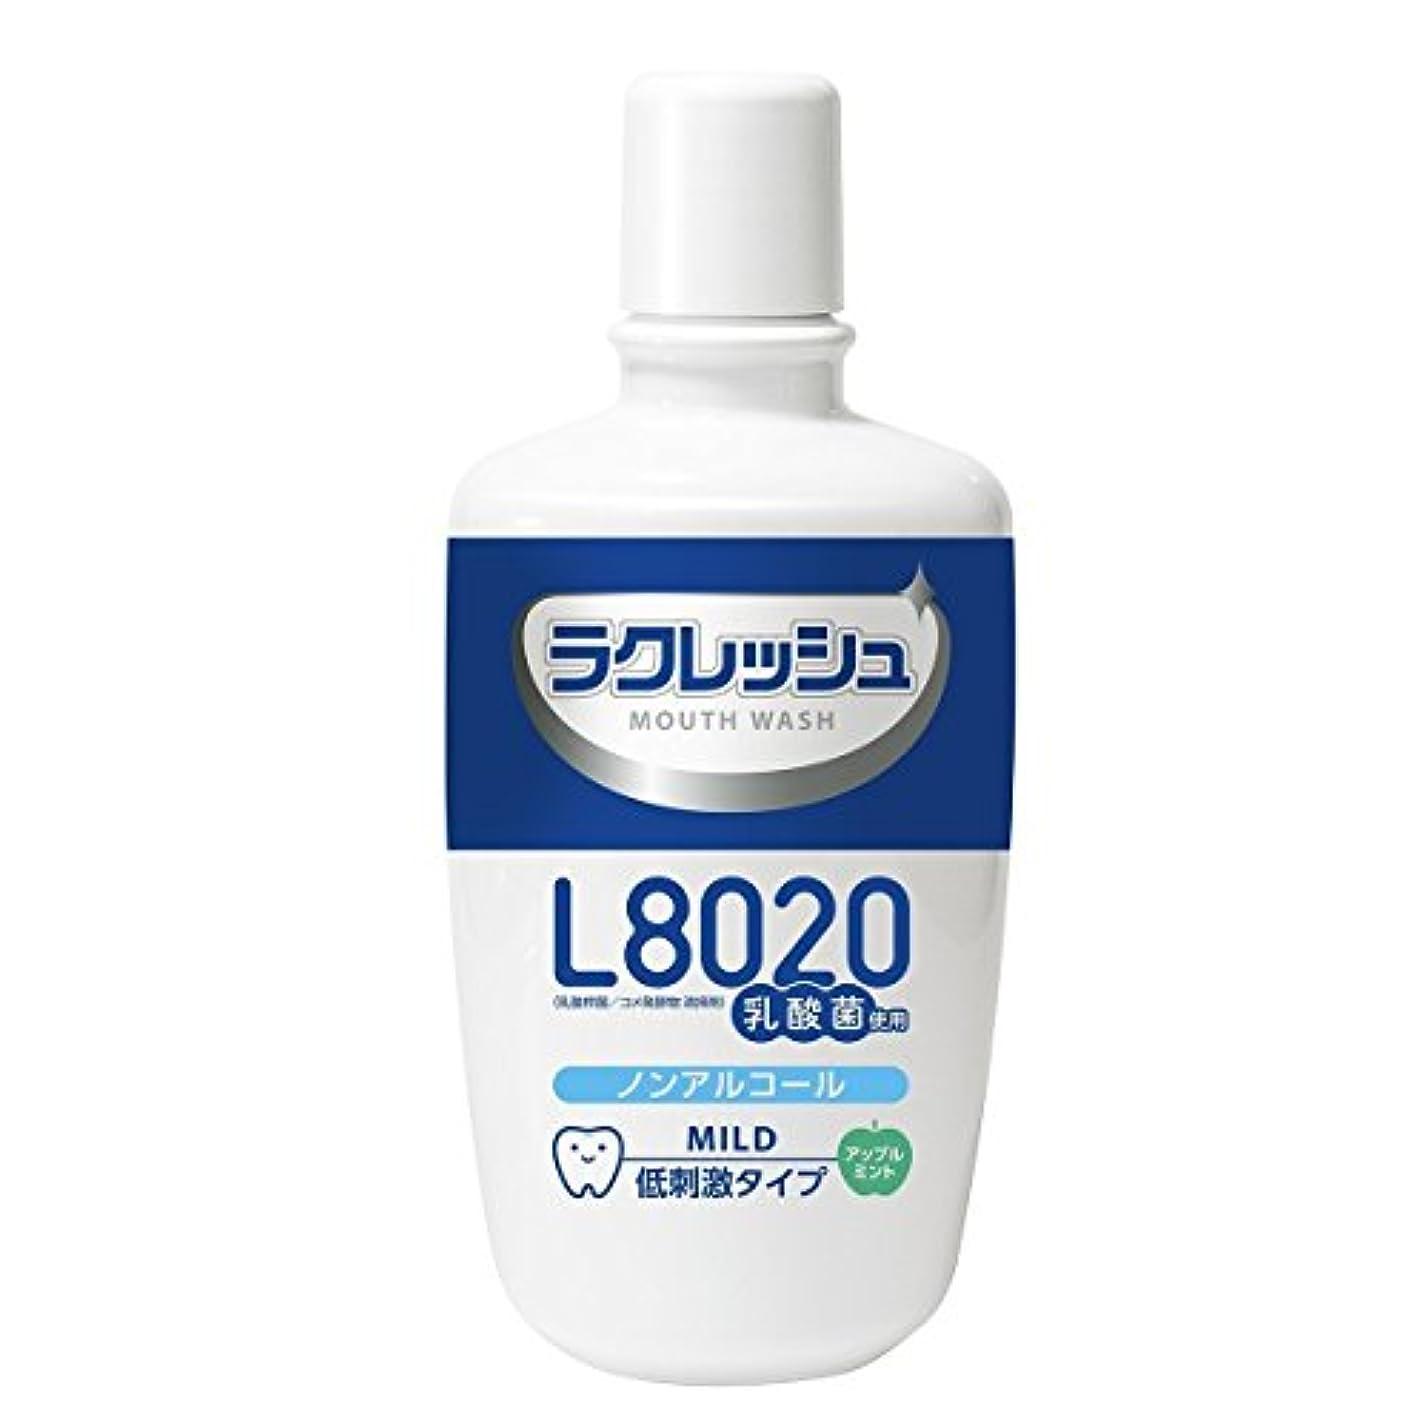 溶かす見えないチャンピオンラクレッシュ L8020菌使用 マウスウォッシュ ノンアルコールタイプ 300mL×15個セット